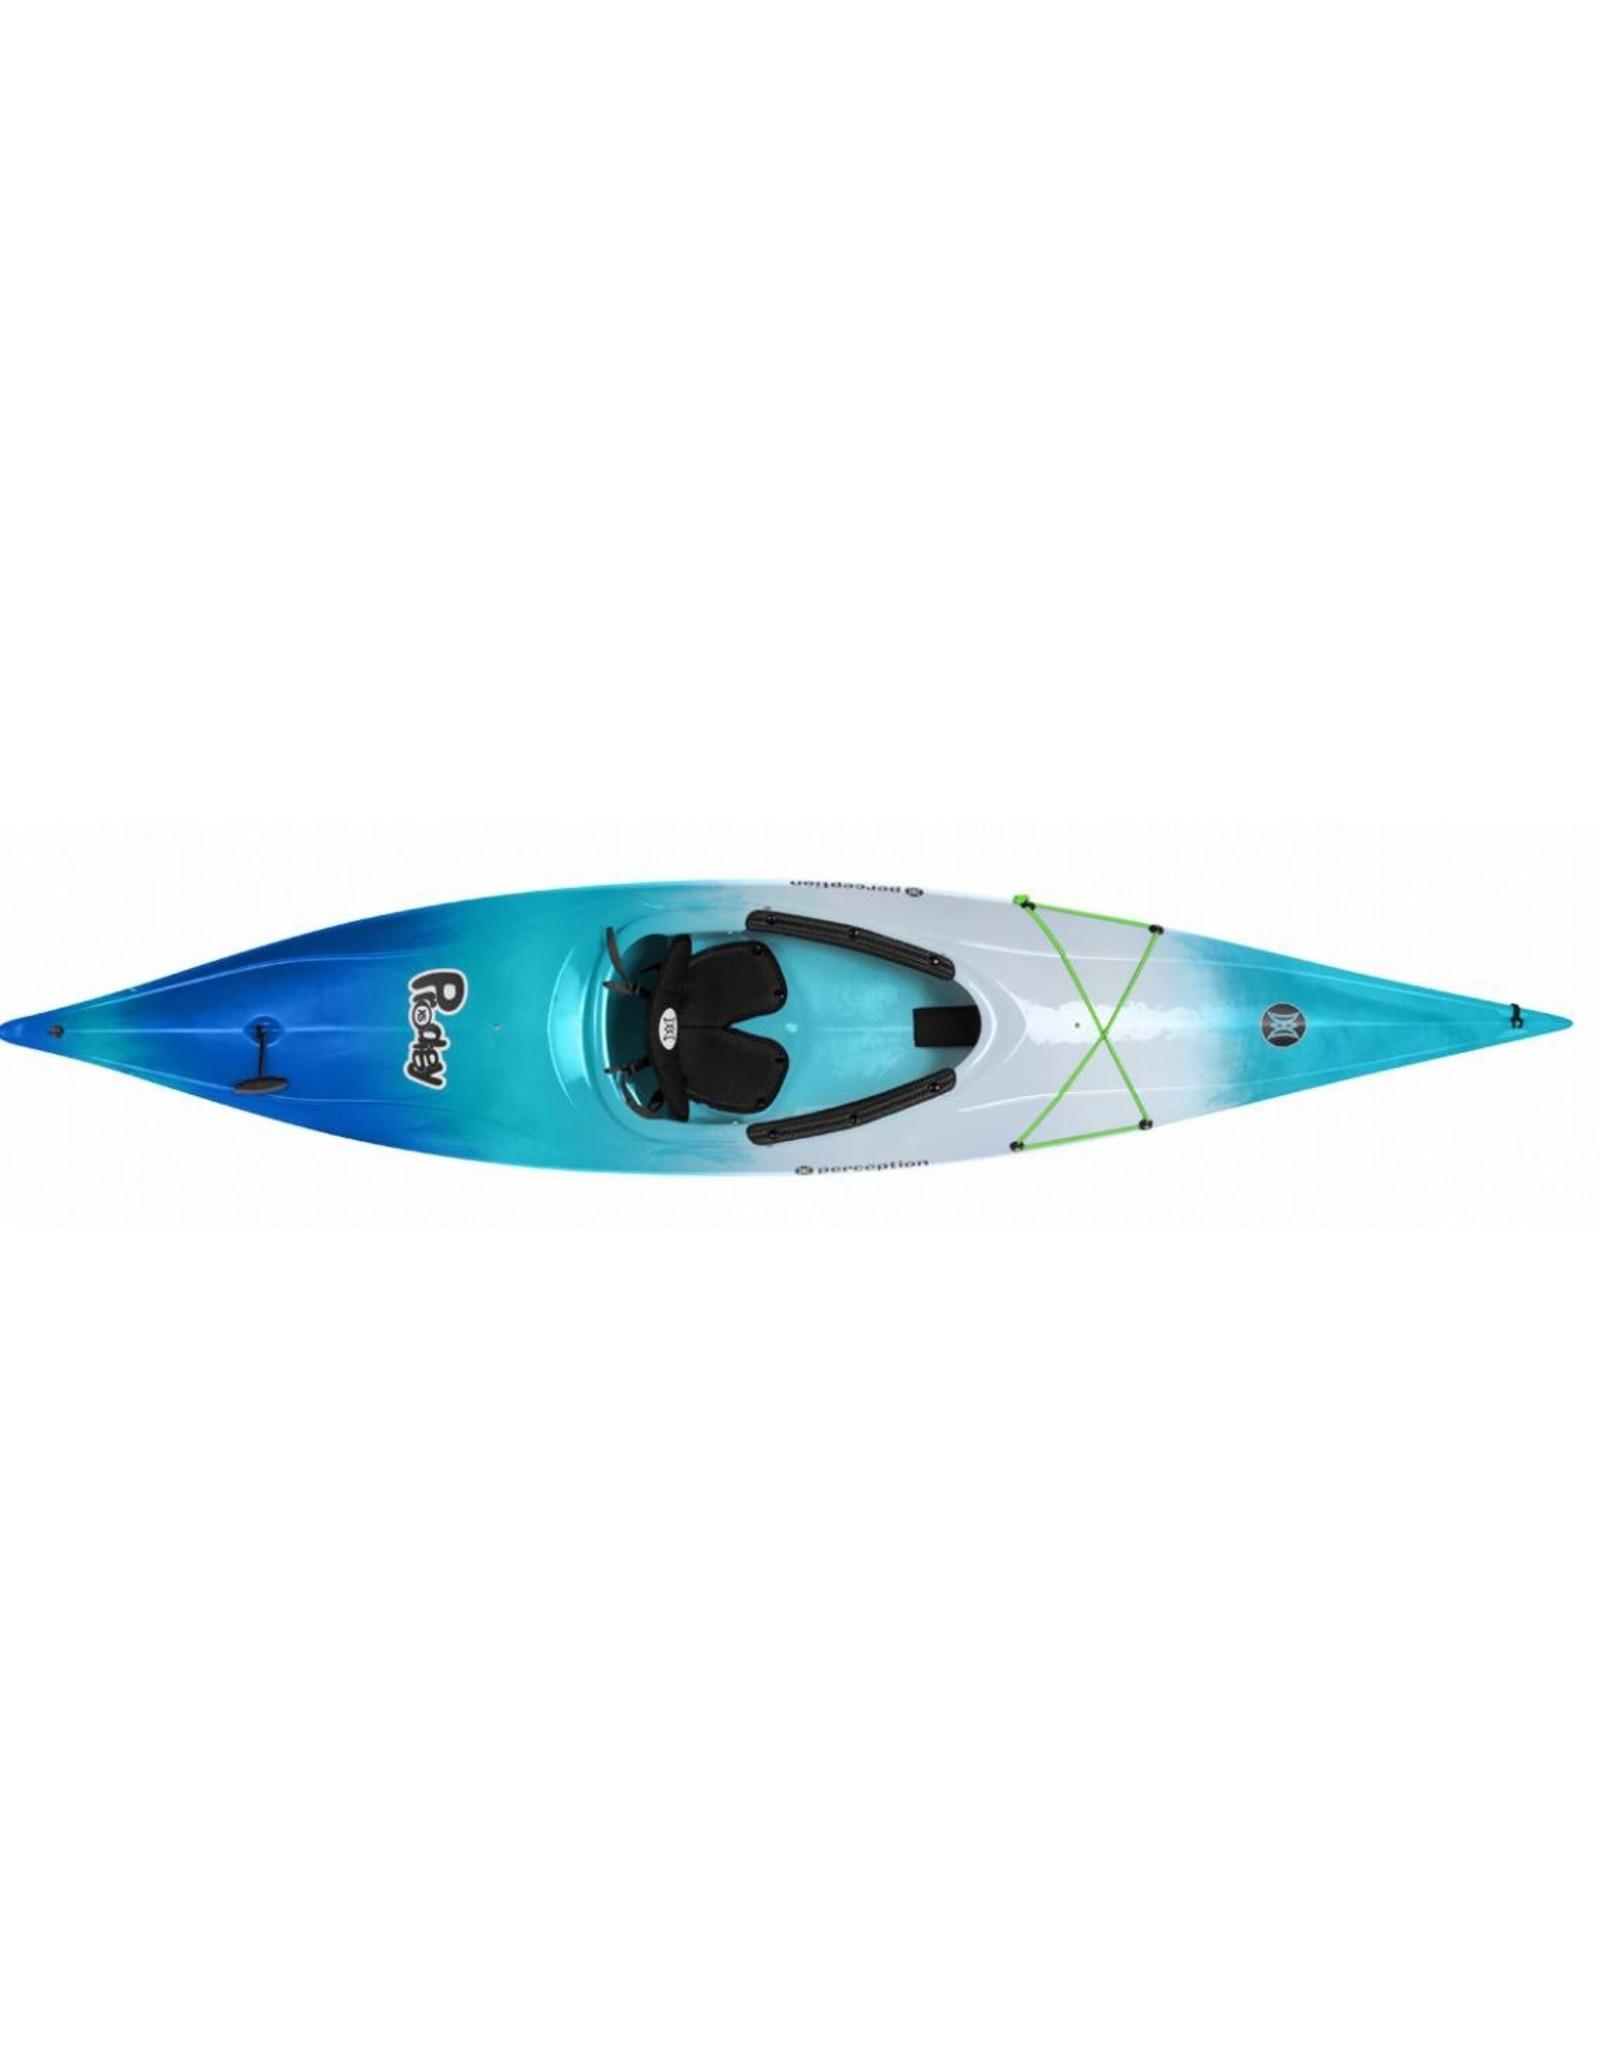 Perception Kayaks Prodigy XS Seaspray